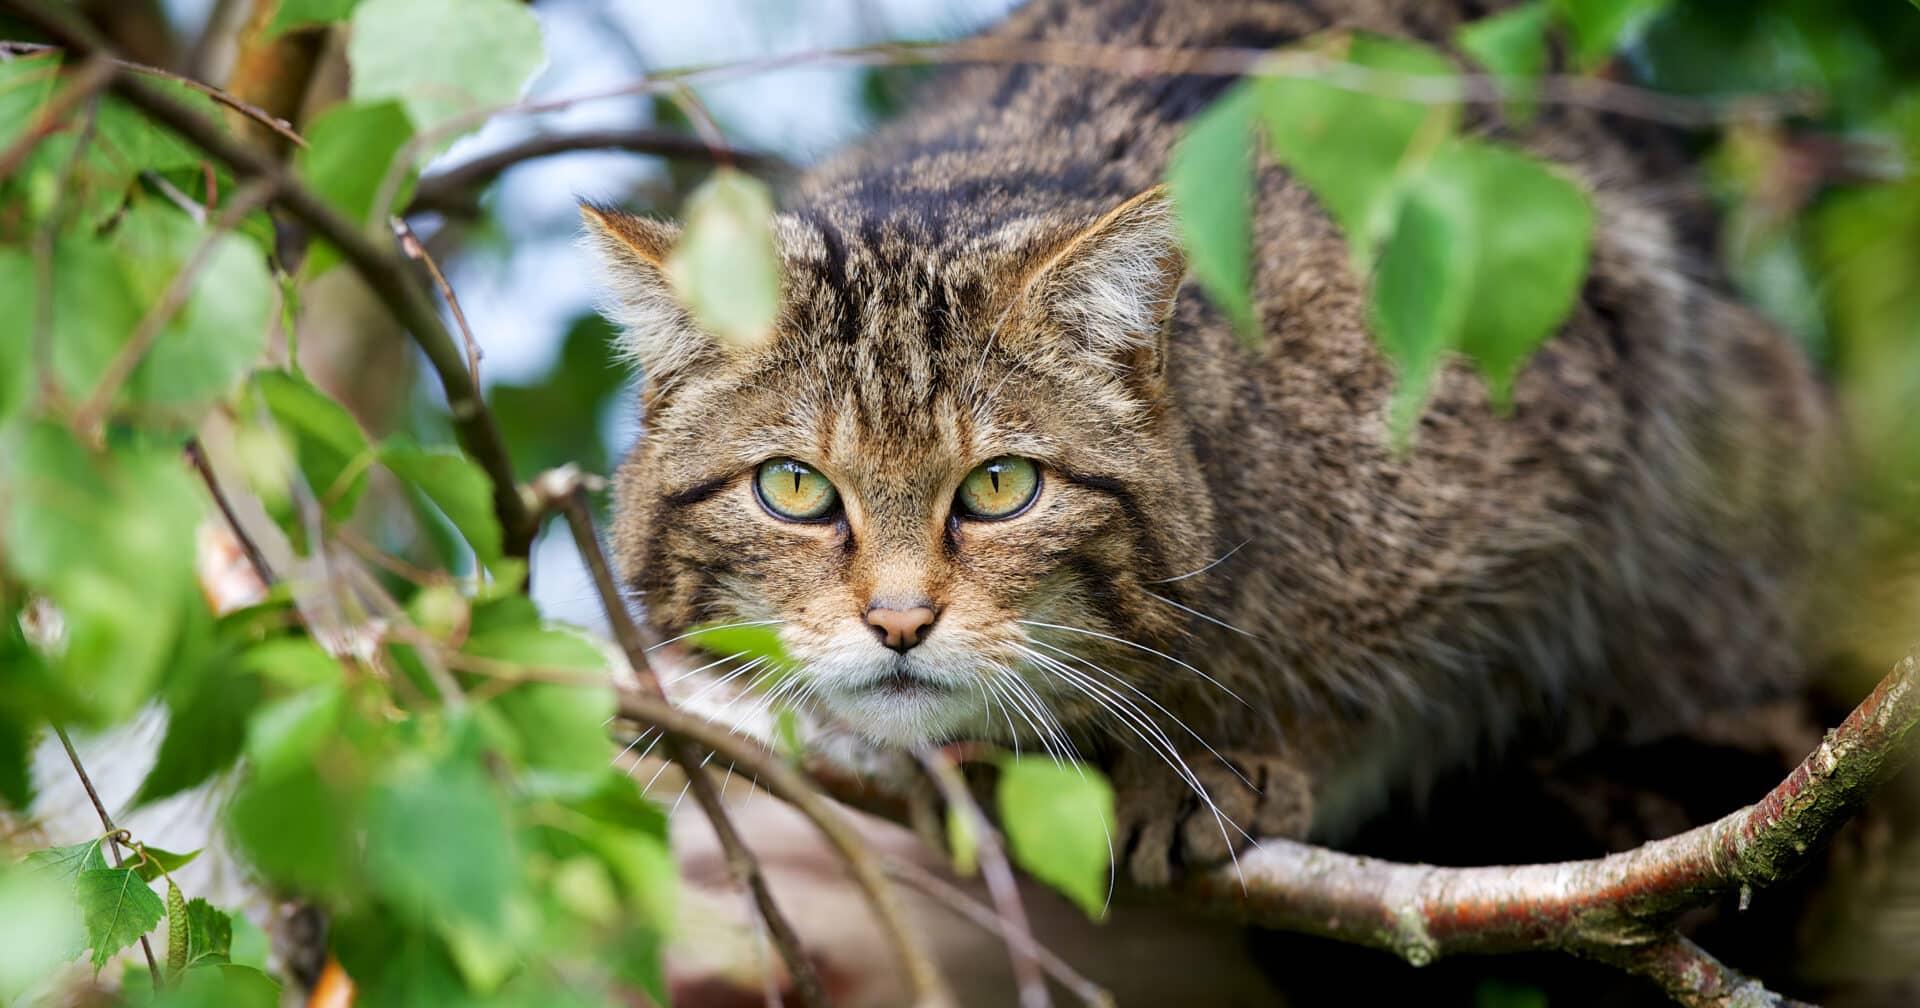 Scottish Wildcat facts